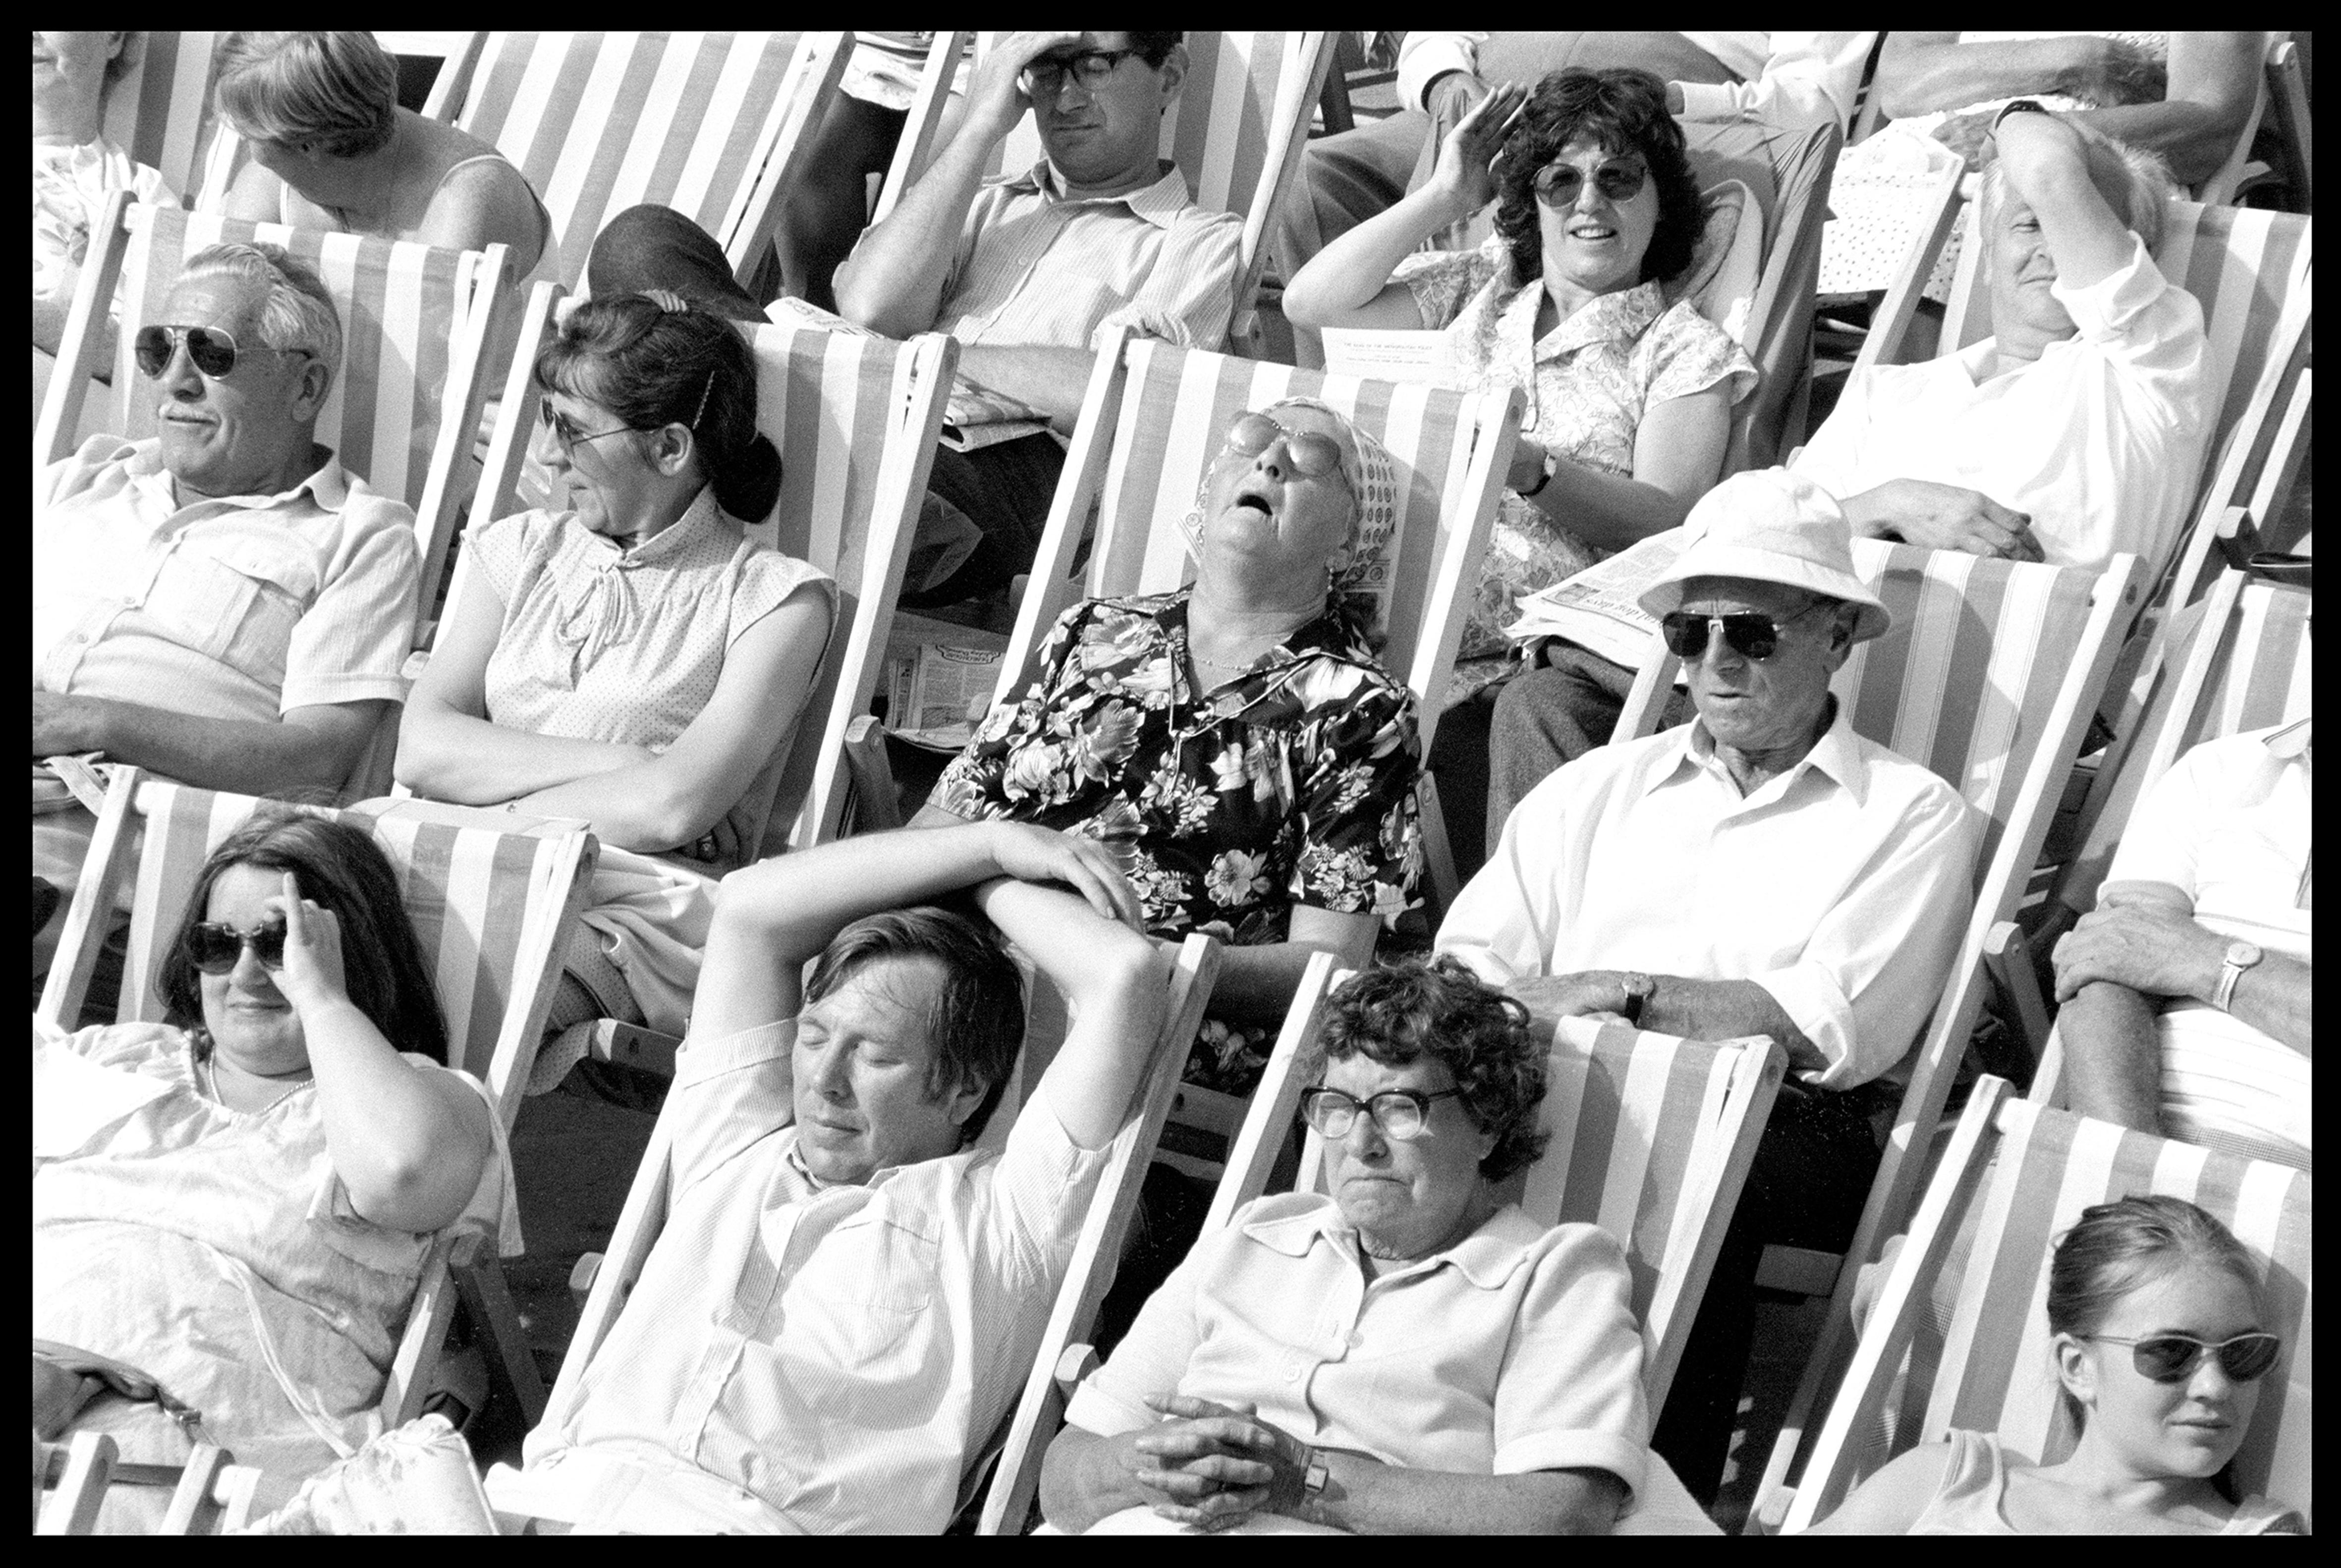 Bandstand I, Eastbourne, UK - Black and White Vintage Photography